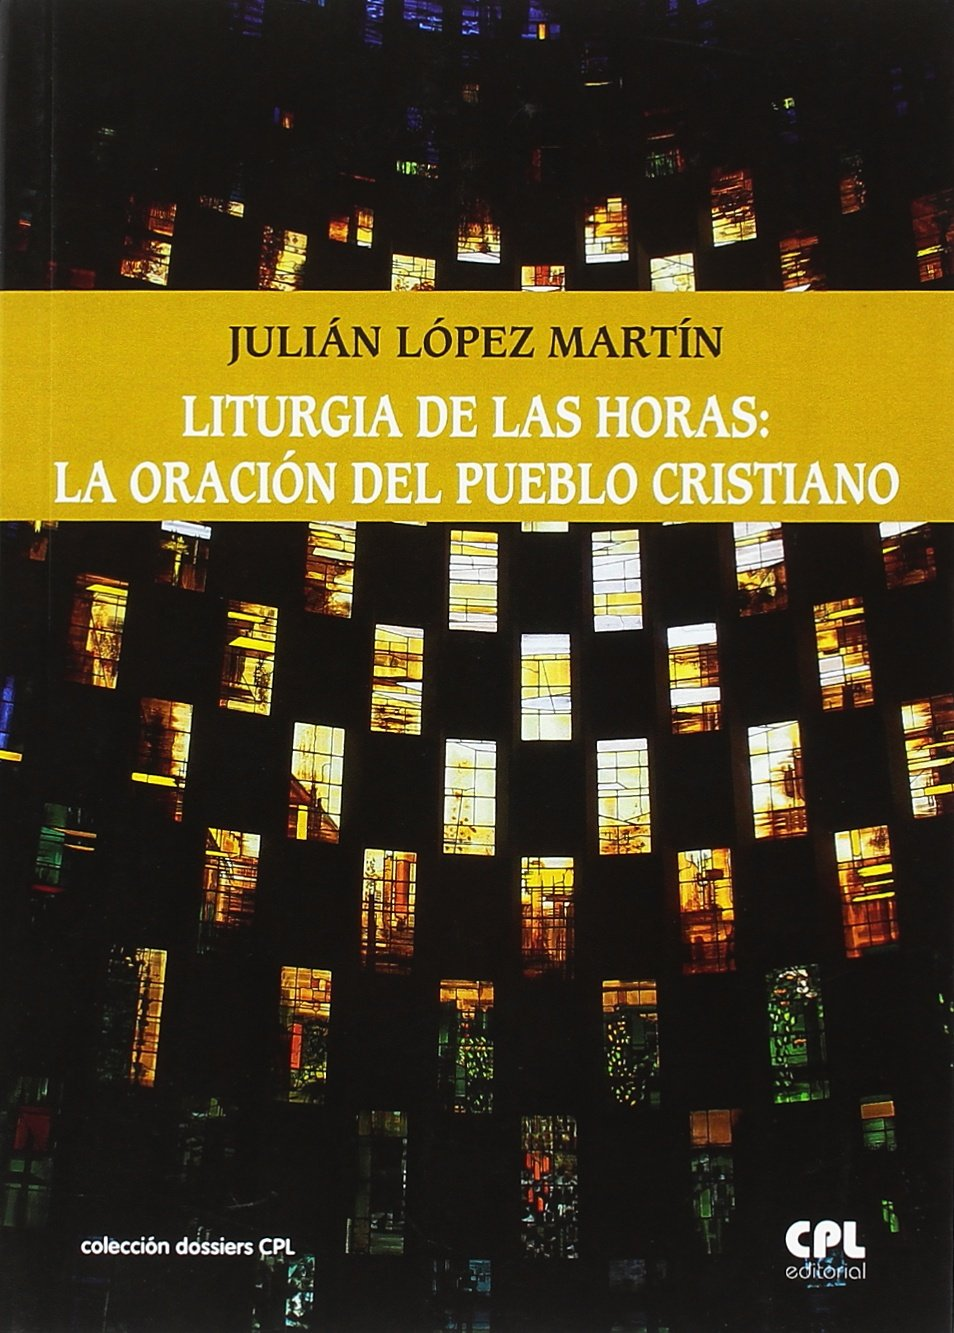 Liturgia De Las horas: La Oracion Del Pu: 144 Dossiers CPL: Amazon.es: López Martín, Julián: Libros